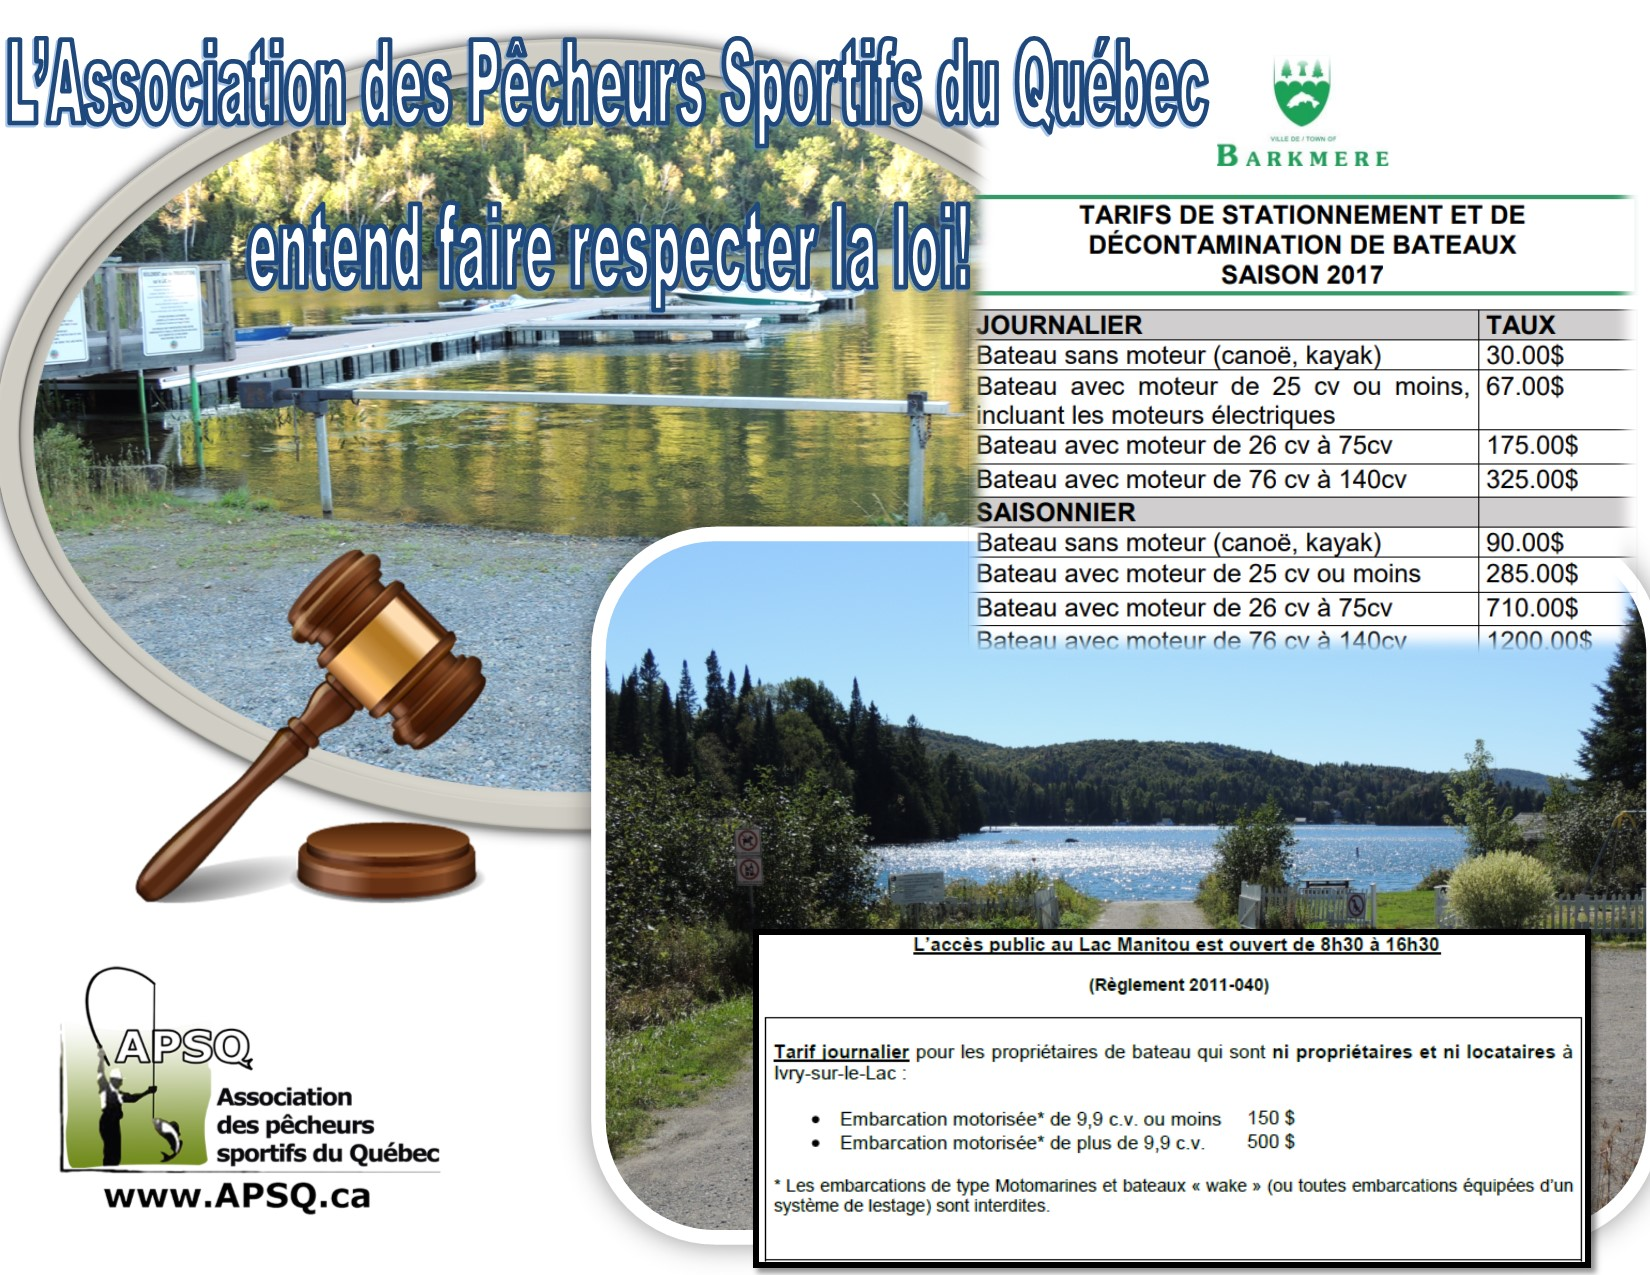 L'Association des Pêcheurs Sportifs du Québec entend faire respecter la loi.